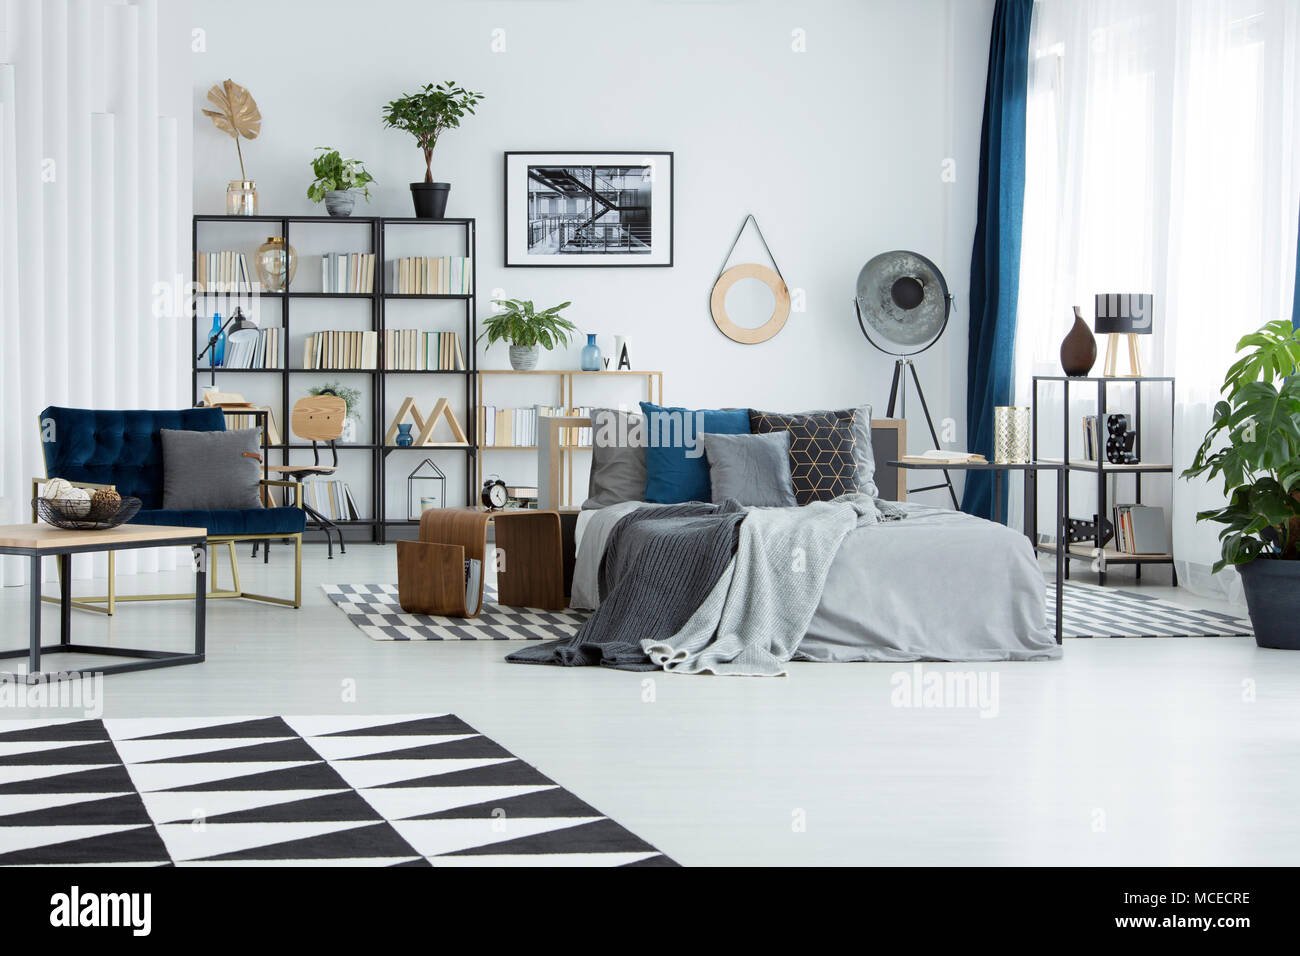 Tapis noir et blanc dans une chambre spacieuse avec un fauteuil d ...